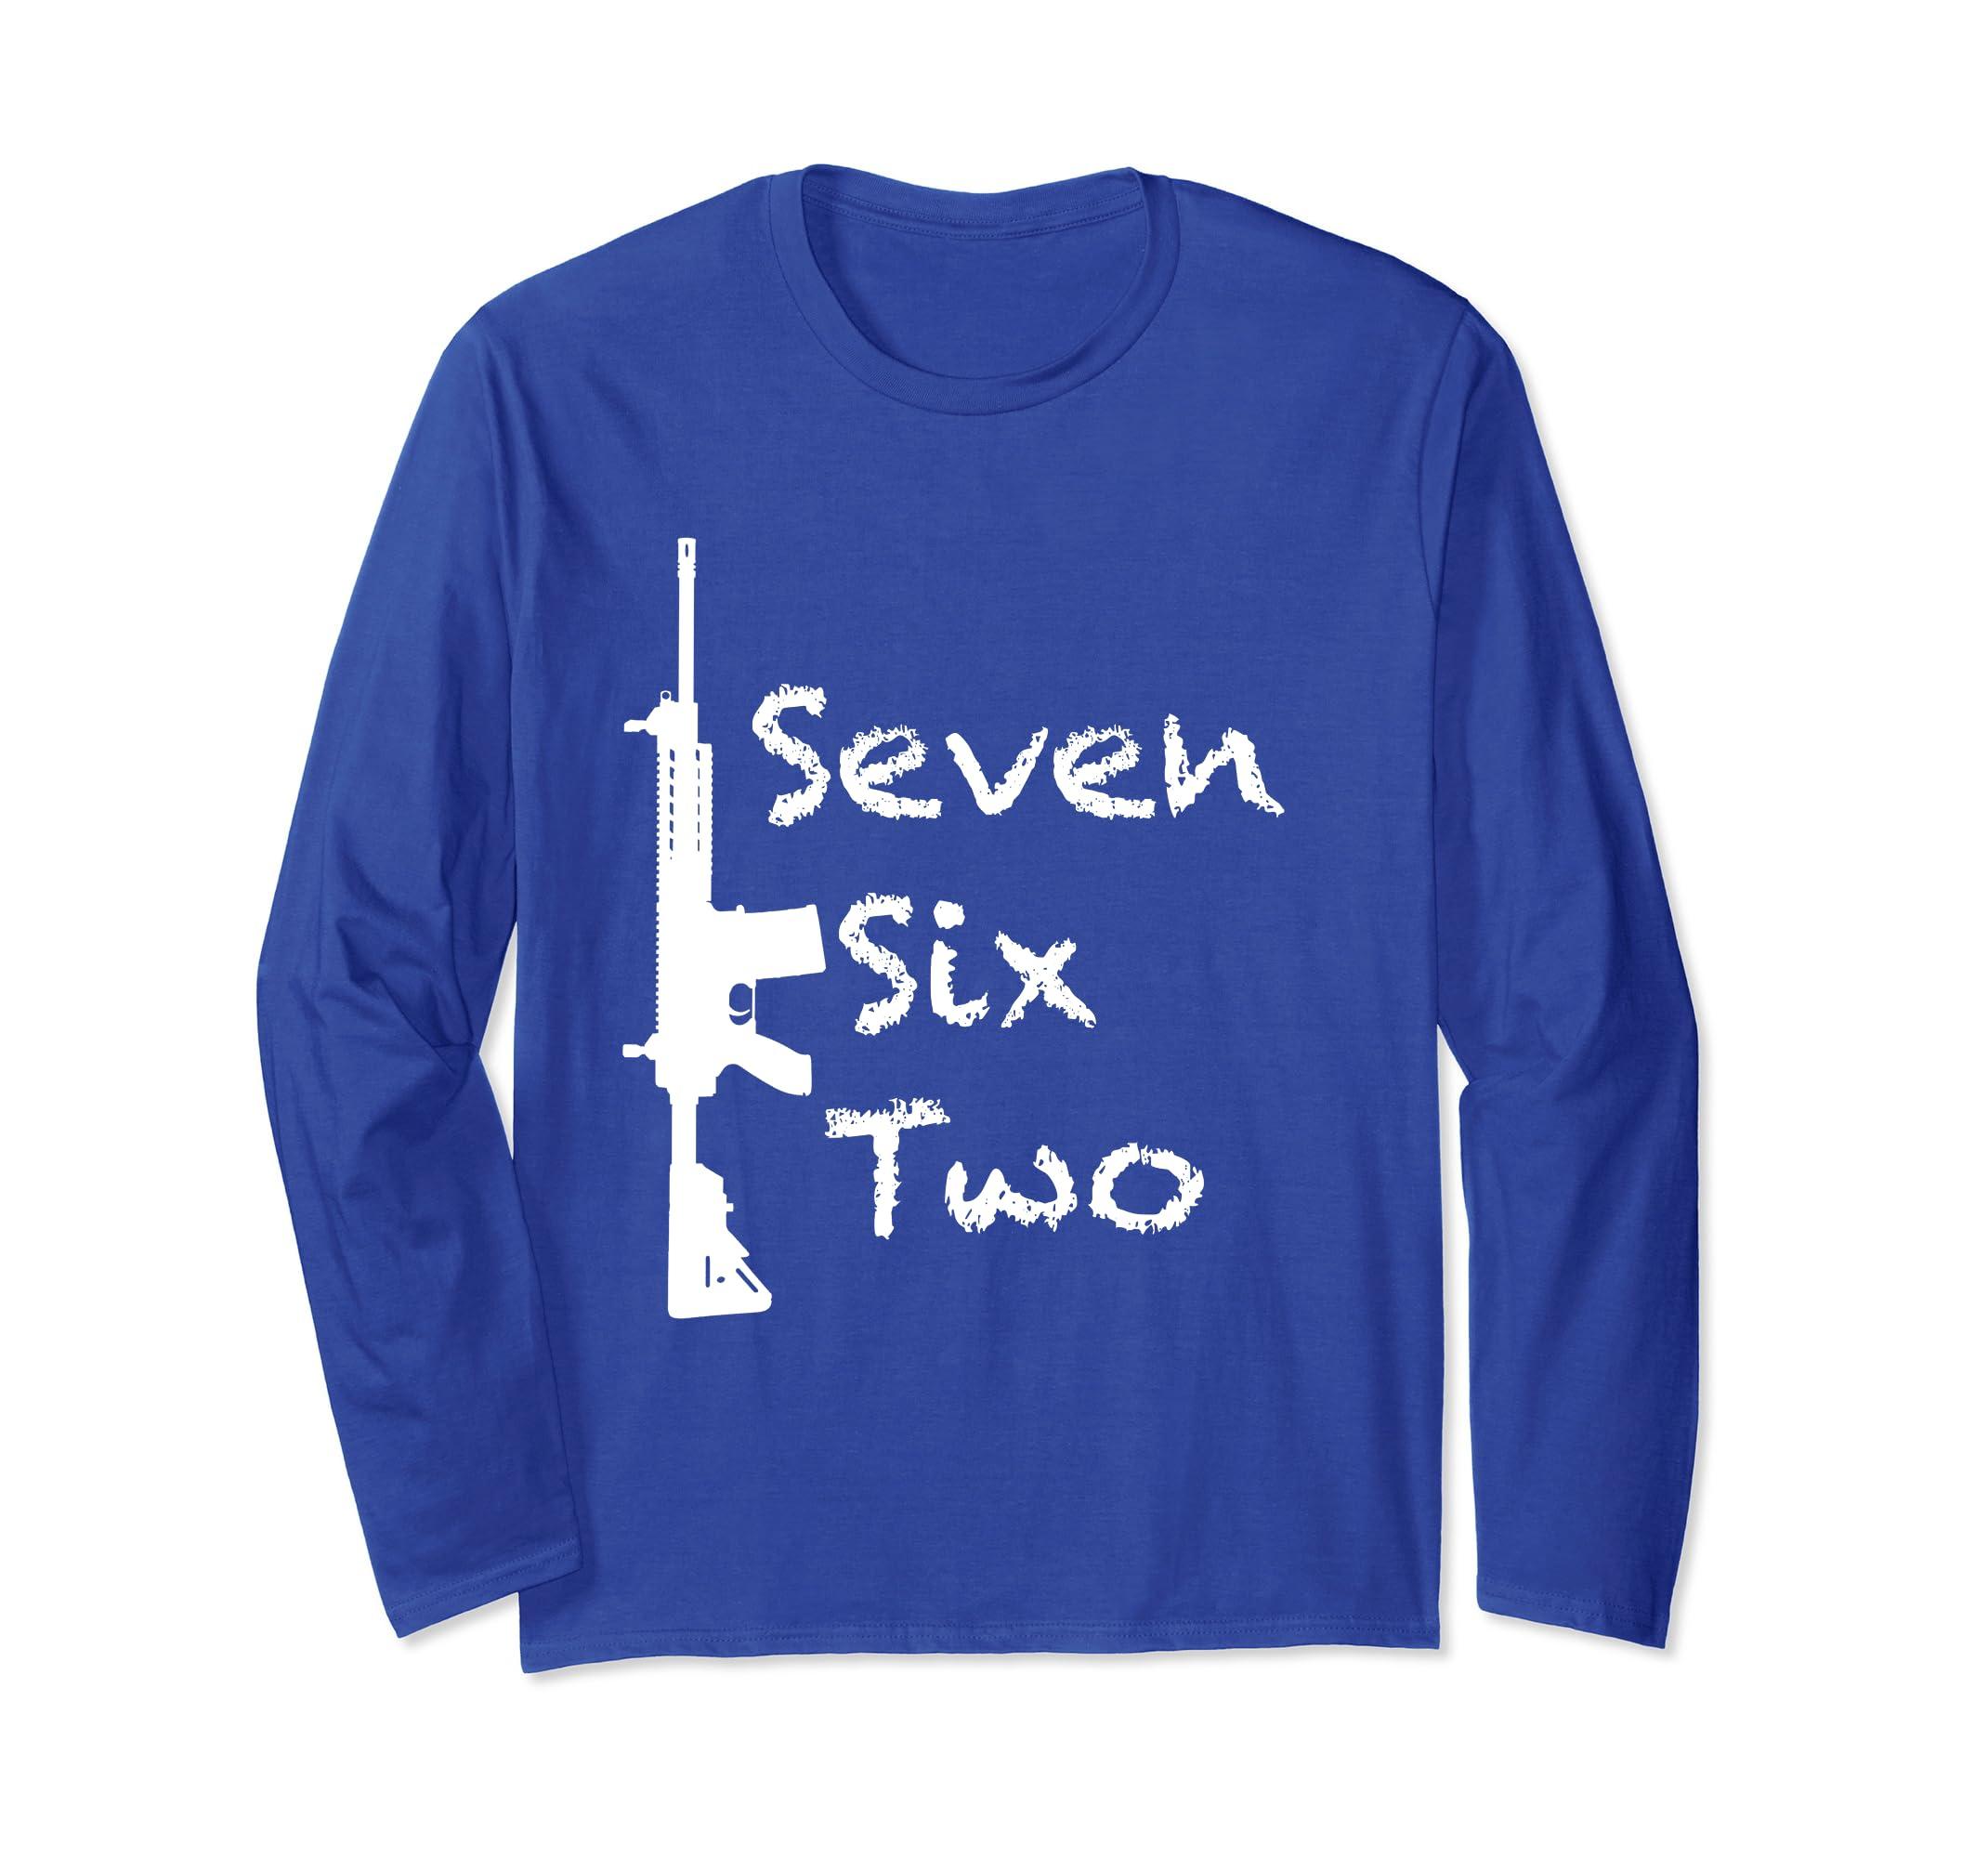 308 Seven Six Two-ln